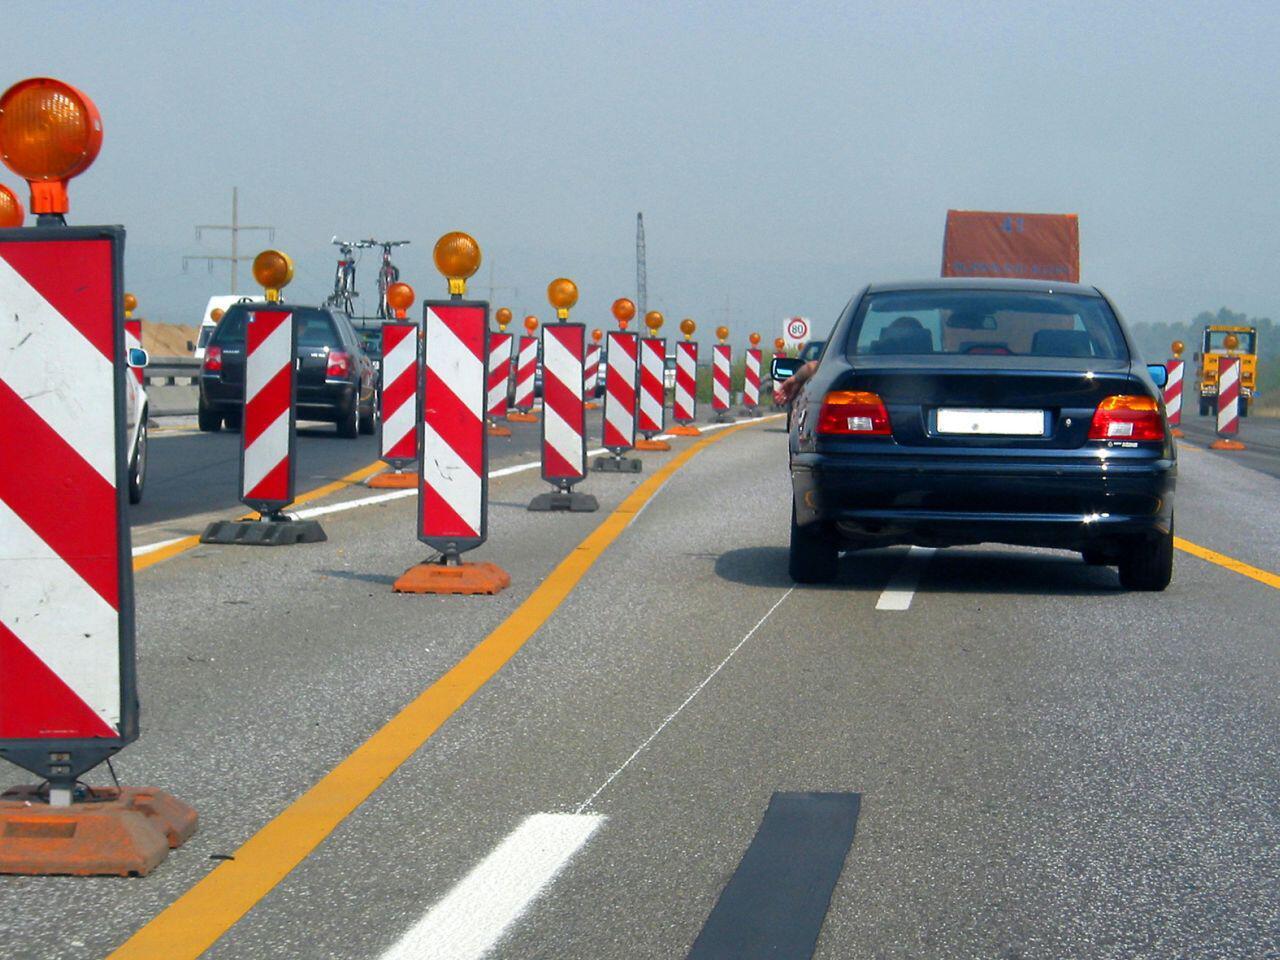 Bild zu Auf einer Autobahnbaustelle sollte man immer vorsichtig fahren